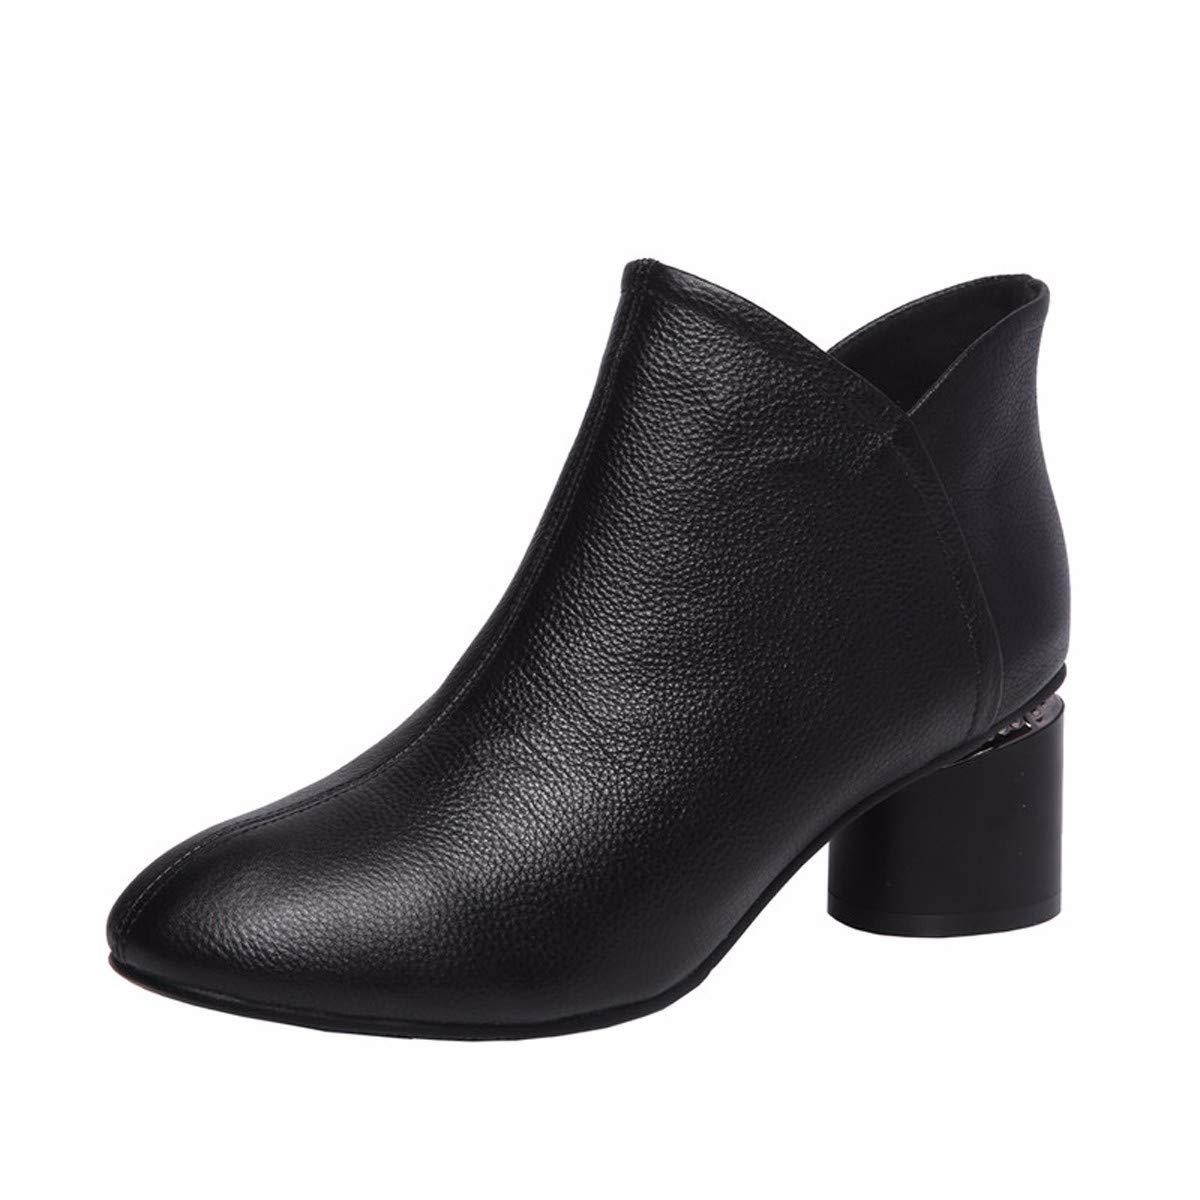 KOKQSX-Damen - Stiefel Leder runden Kopf Moderne komfortable Kurze Stiefel.